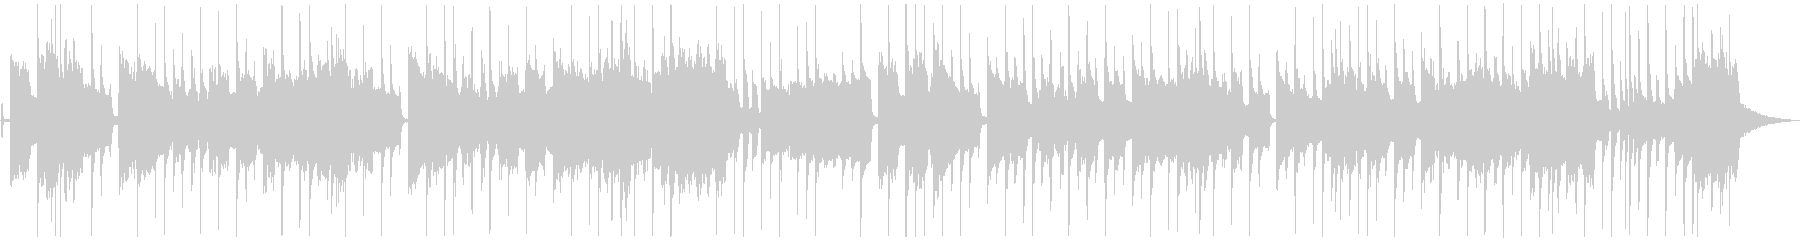 ノリノリ・ファンキー(メロあり)ショートの未再生の波形